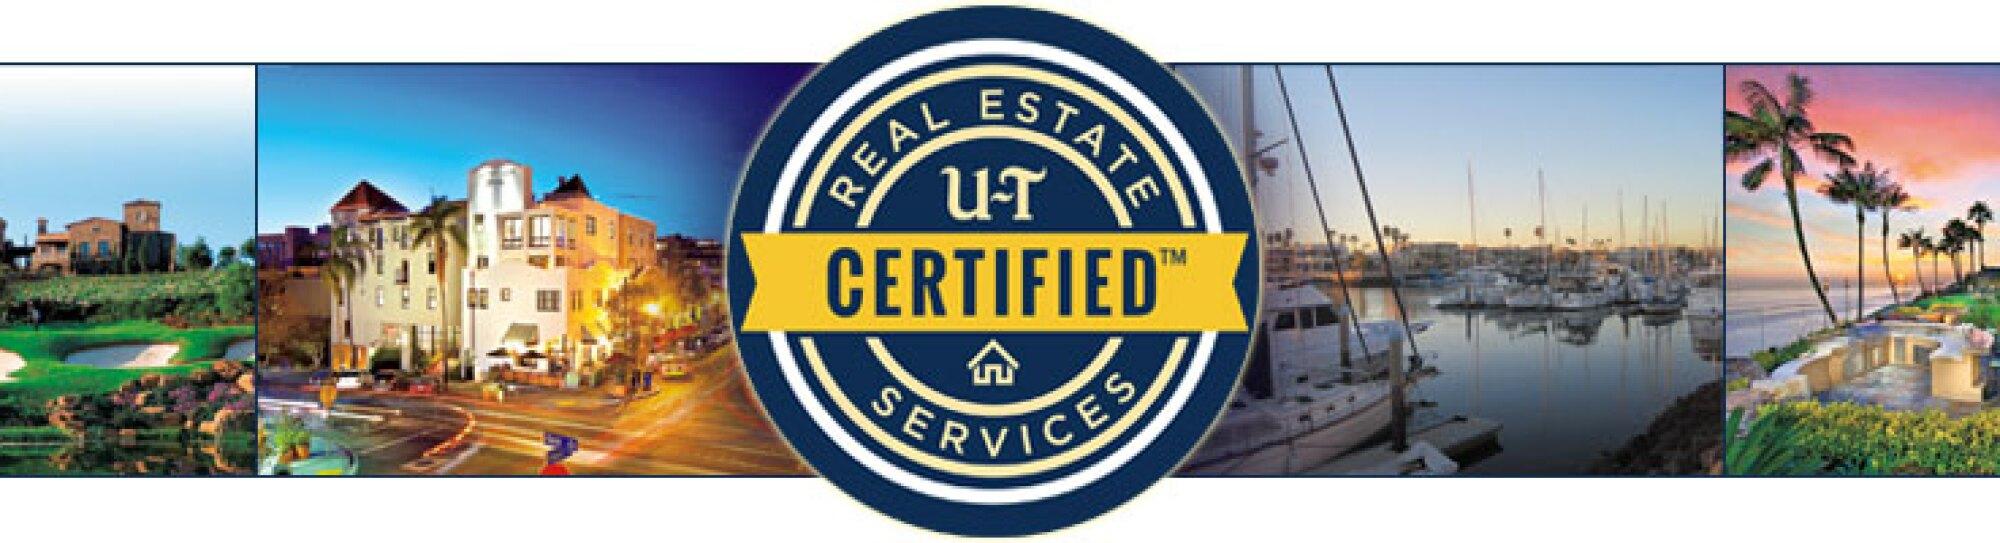 ut_certified_banner (1).jpg